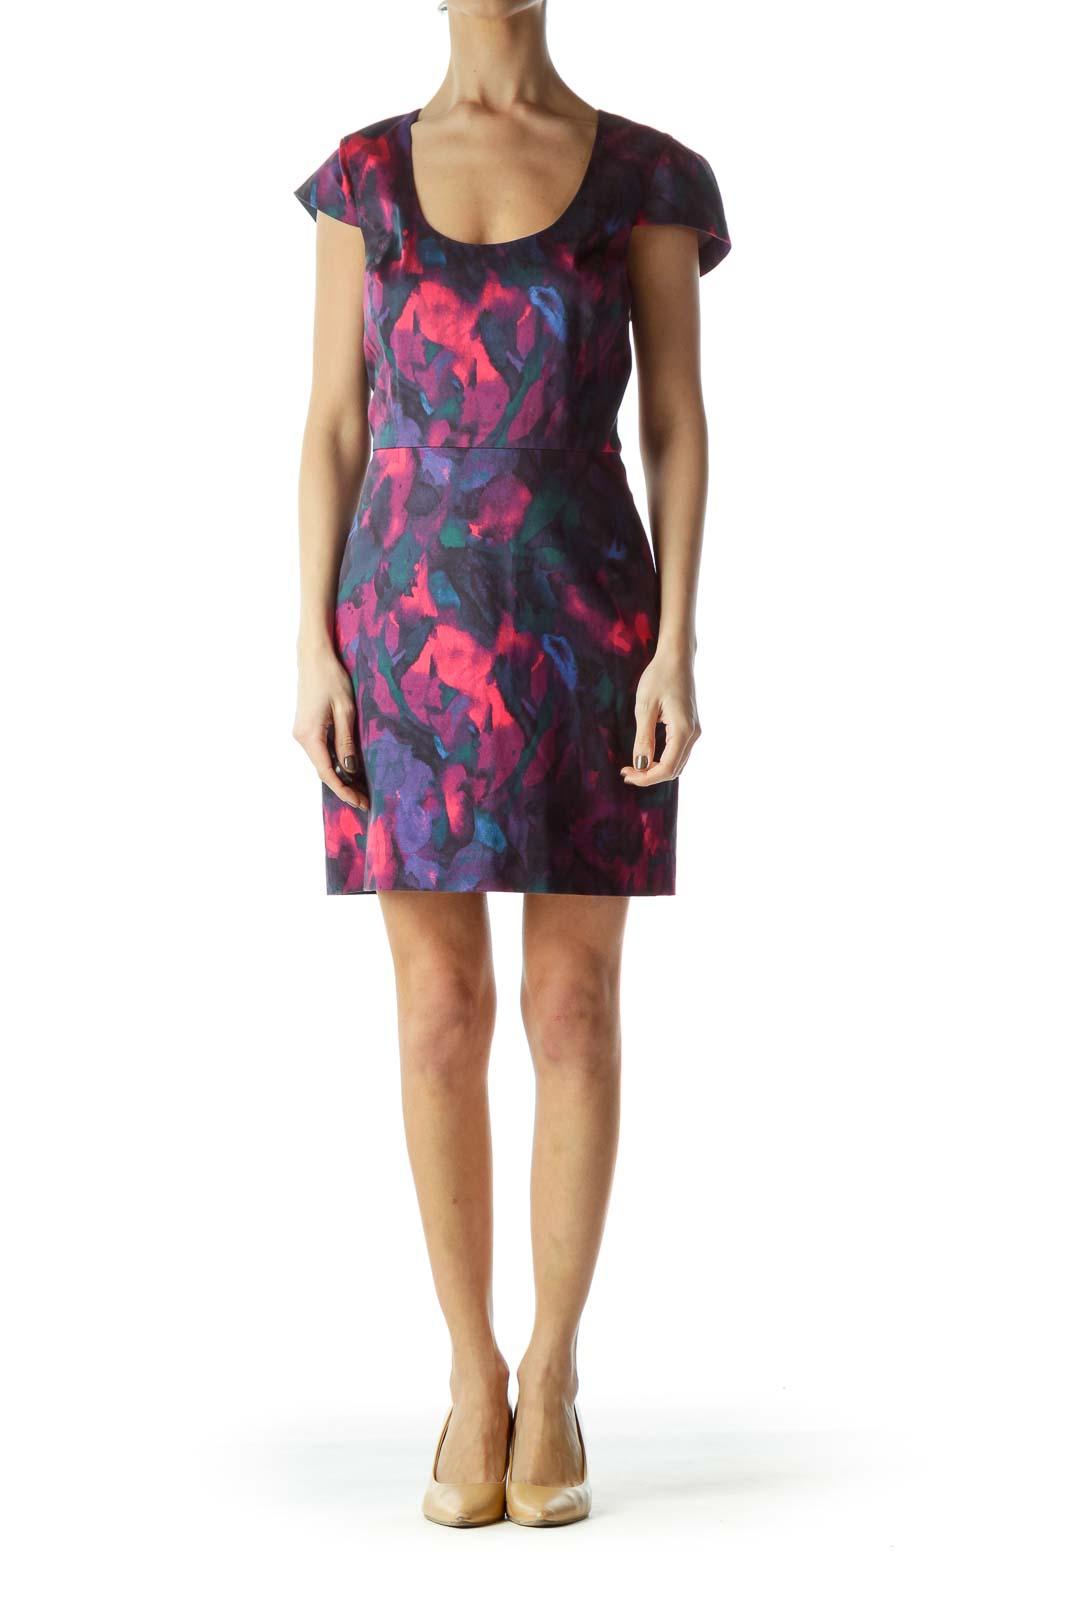 Multicolored Print Cap Sleeves Work Dress